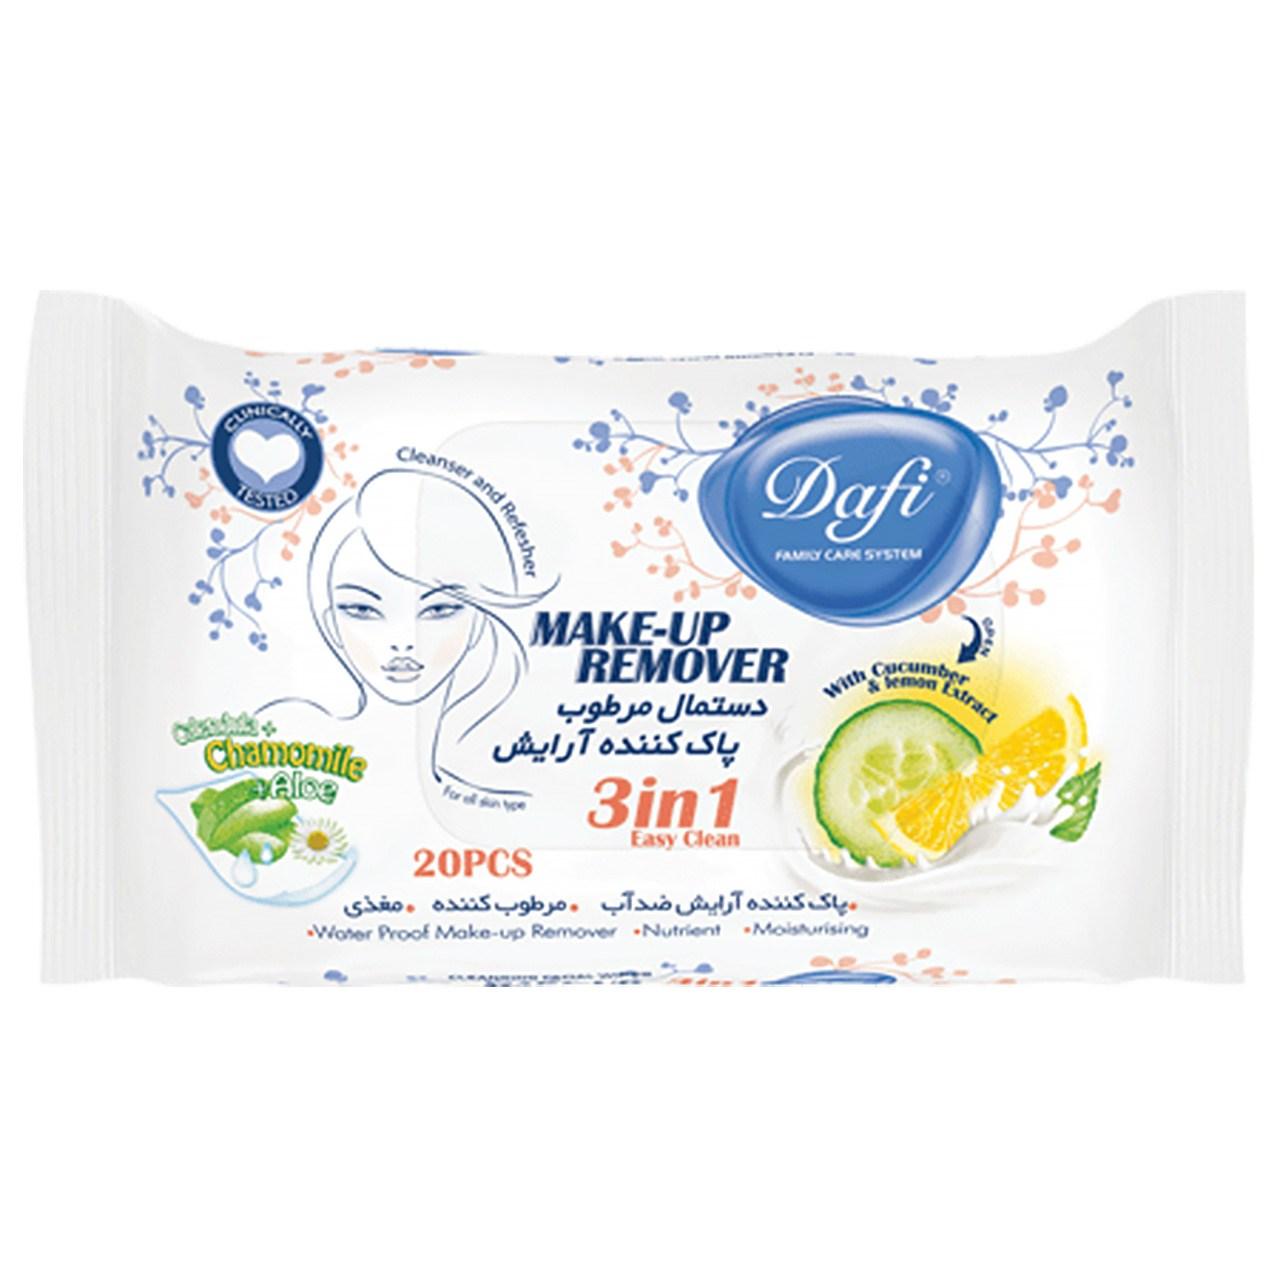 قیمت دستمال مرطوب پاک کننده آرایش دافی مدل 3in1- بسته 20 عددی